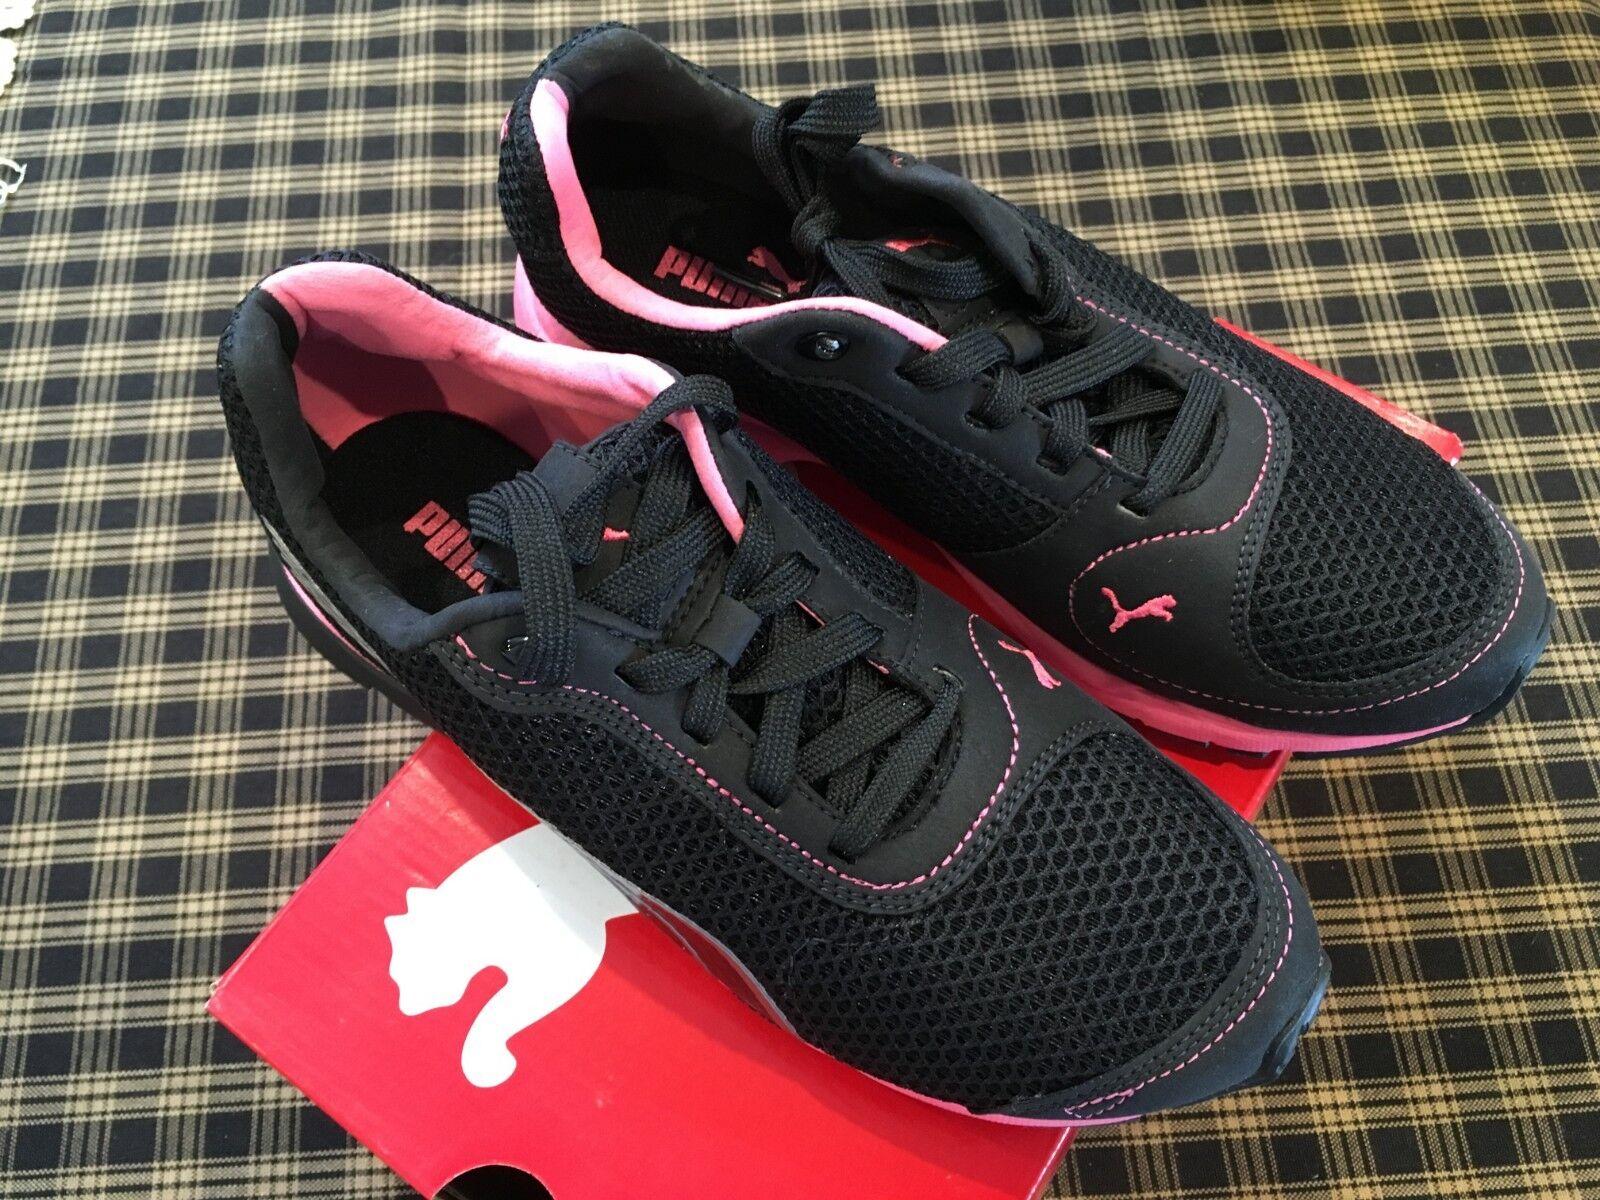 New in Box Women`s PUMA shoes Running Walking Yoga Tennis Free Shipping